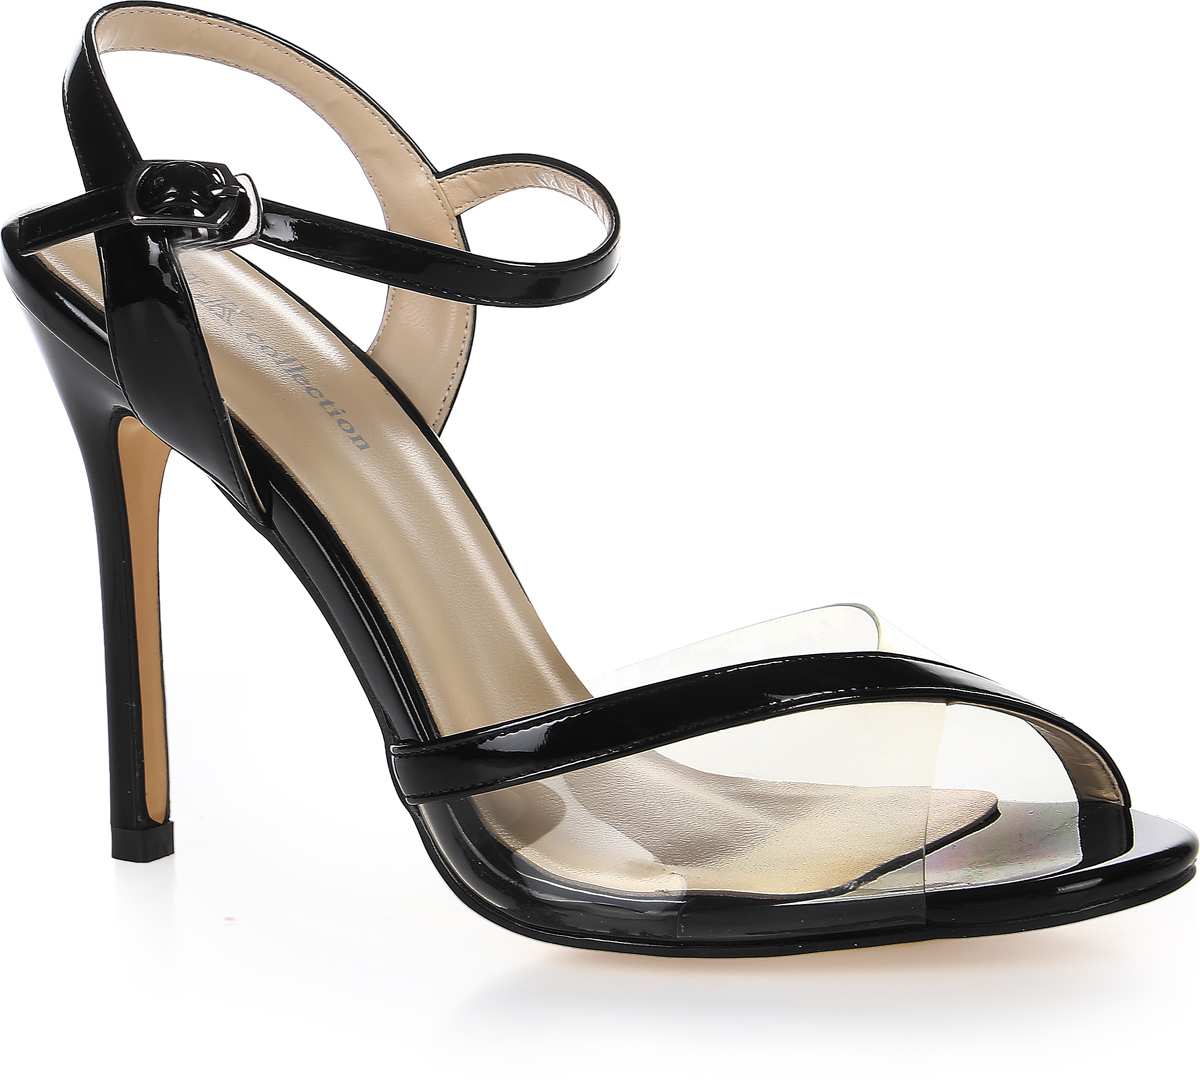 Босоножки женские LK Collection, цвет: черный. W270-793-3 PU. Размер 40W270-793-3 PUСтильные босоножки на высокой шпильке выполнены из искусственной кожи и прозрачного силикона. Стелька выполнена из натуральной кожи. Босоножки фиксируются на ноге при помощи застежки-пряжки.